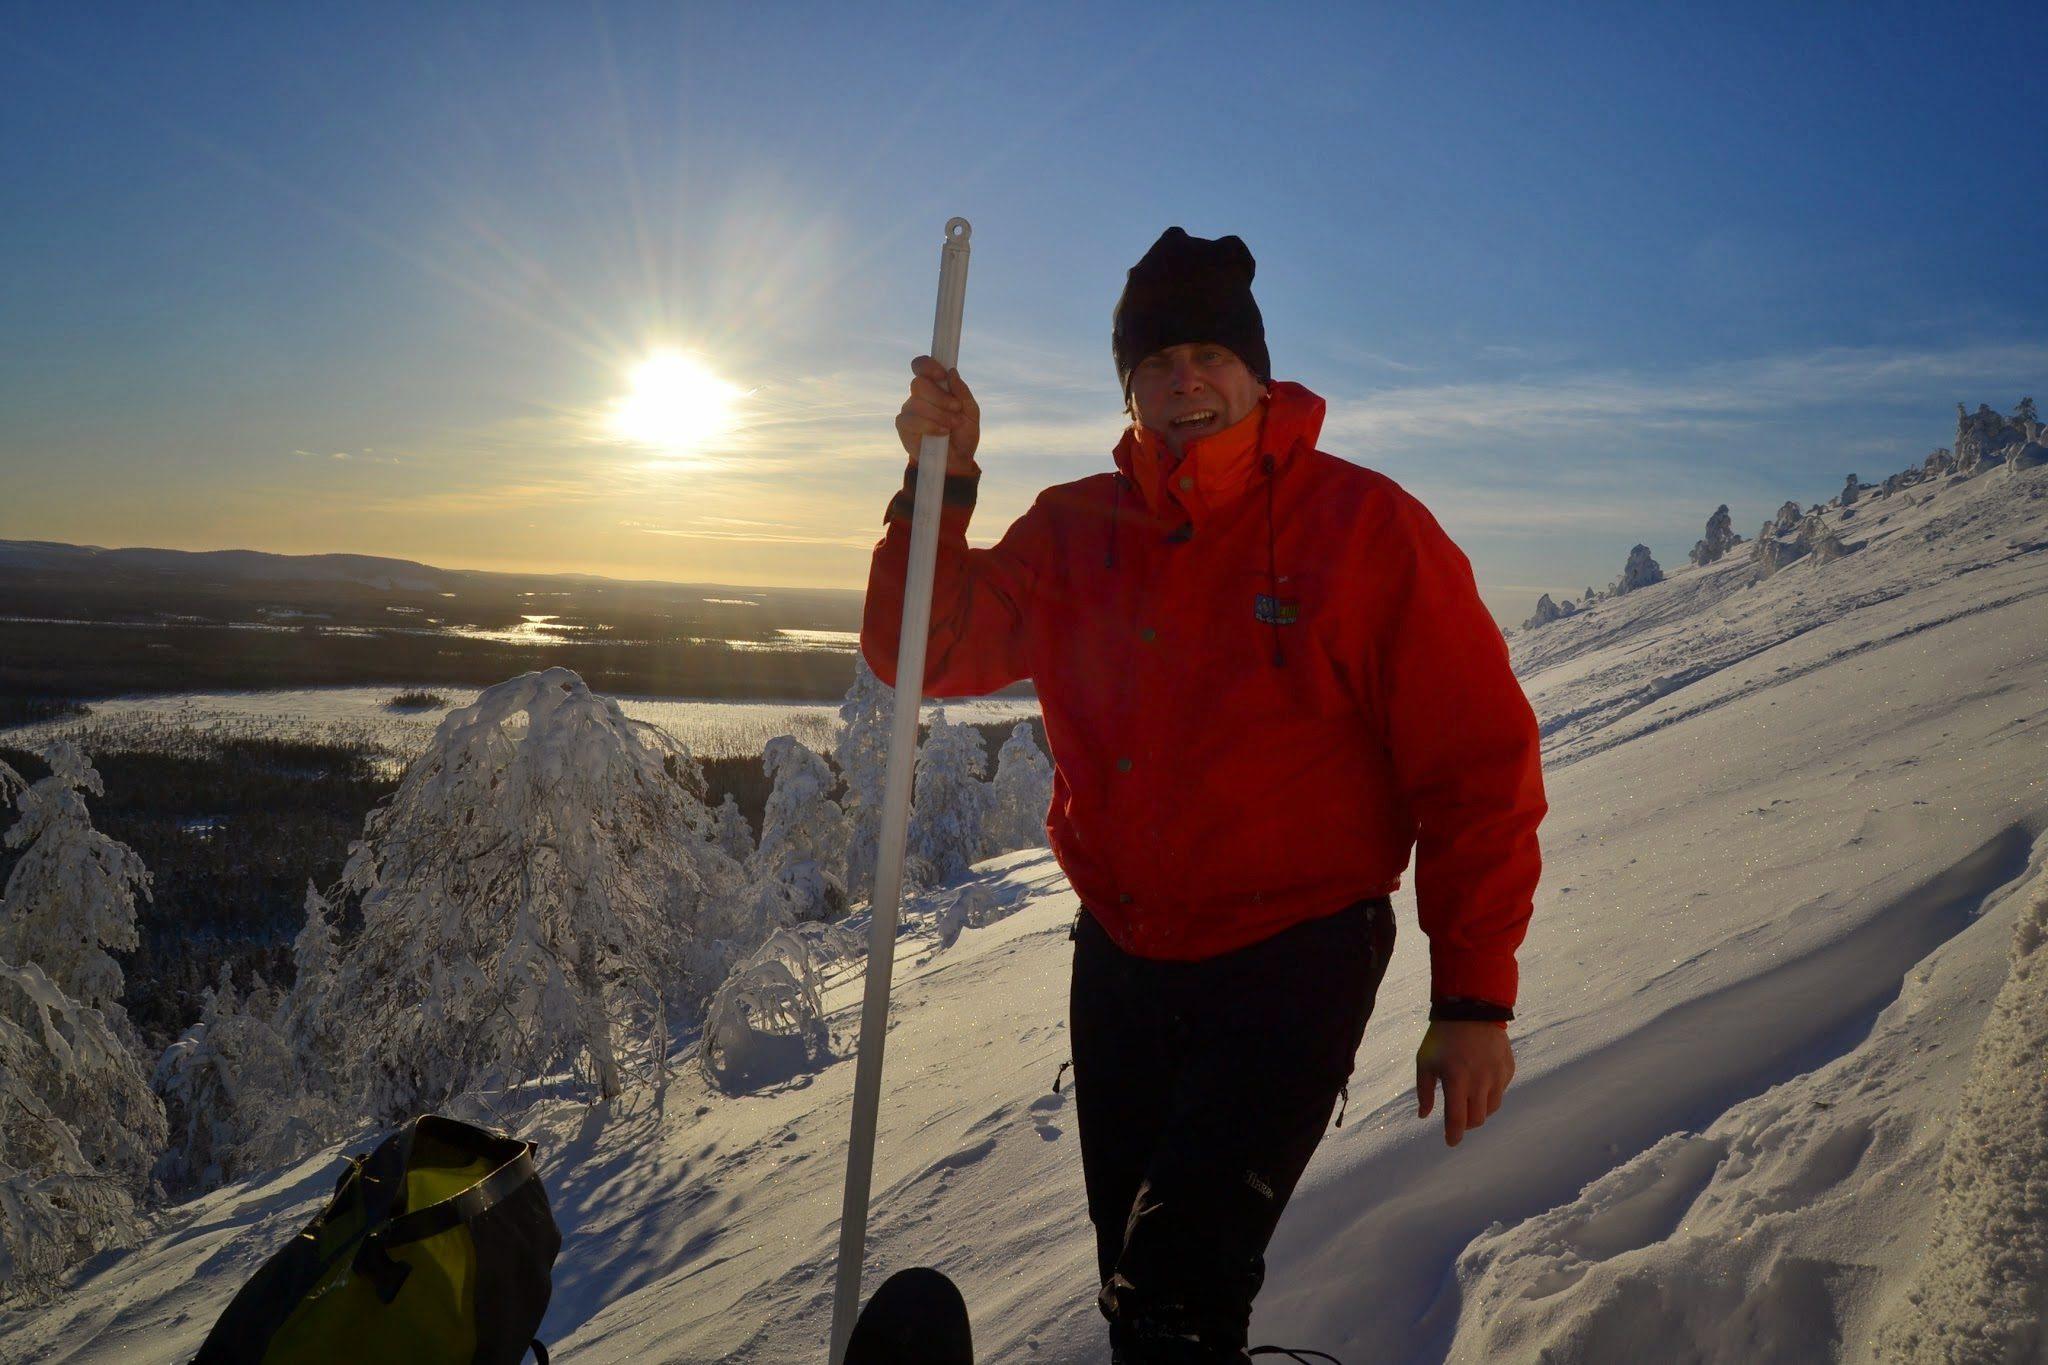 Avaa ovi elämyksille - Markku Janhonen talvikuva lappi